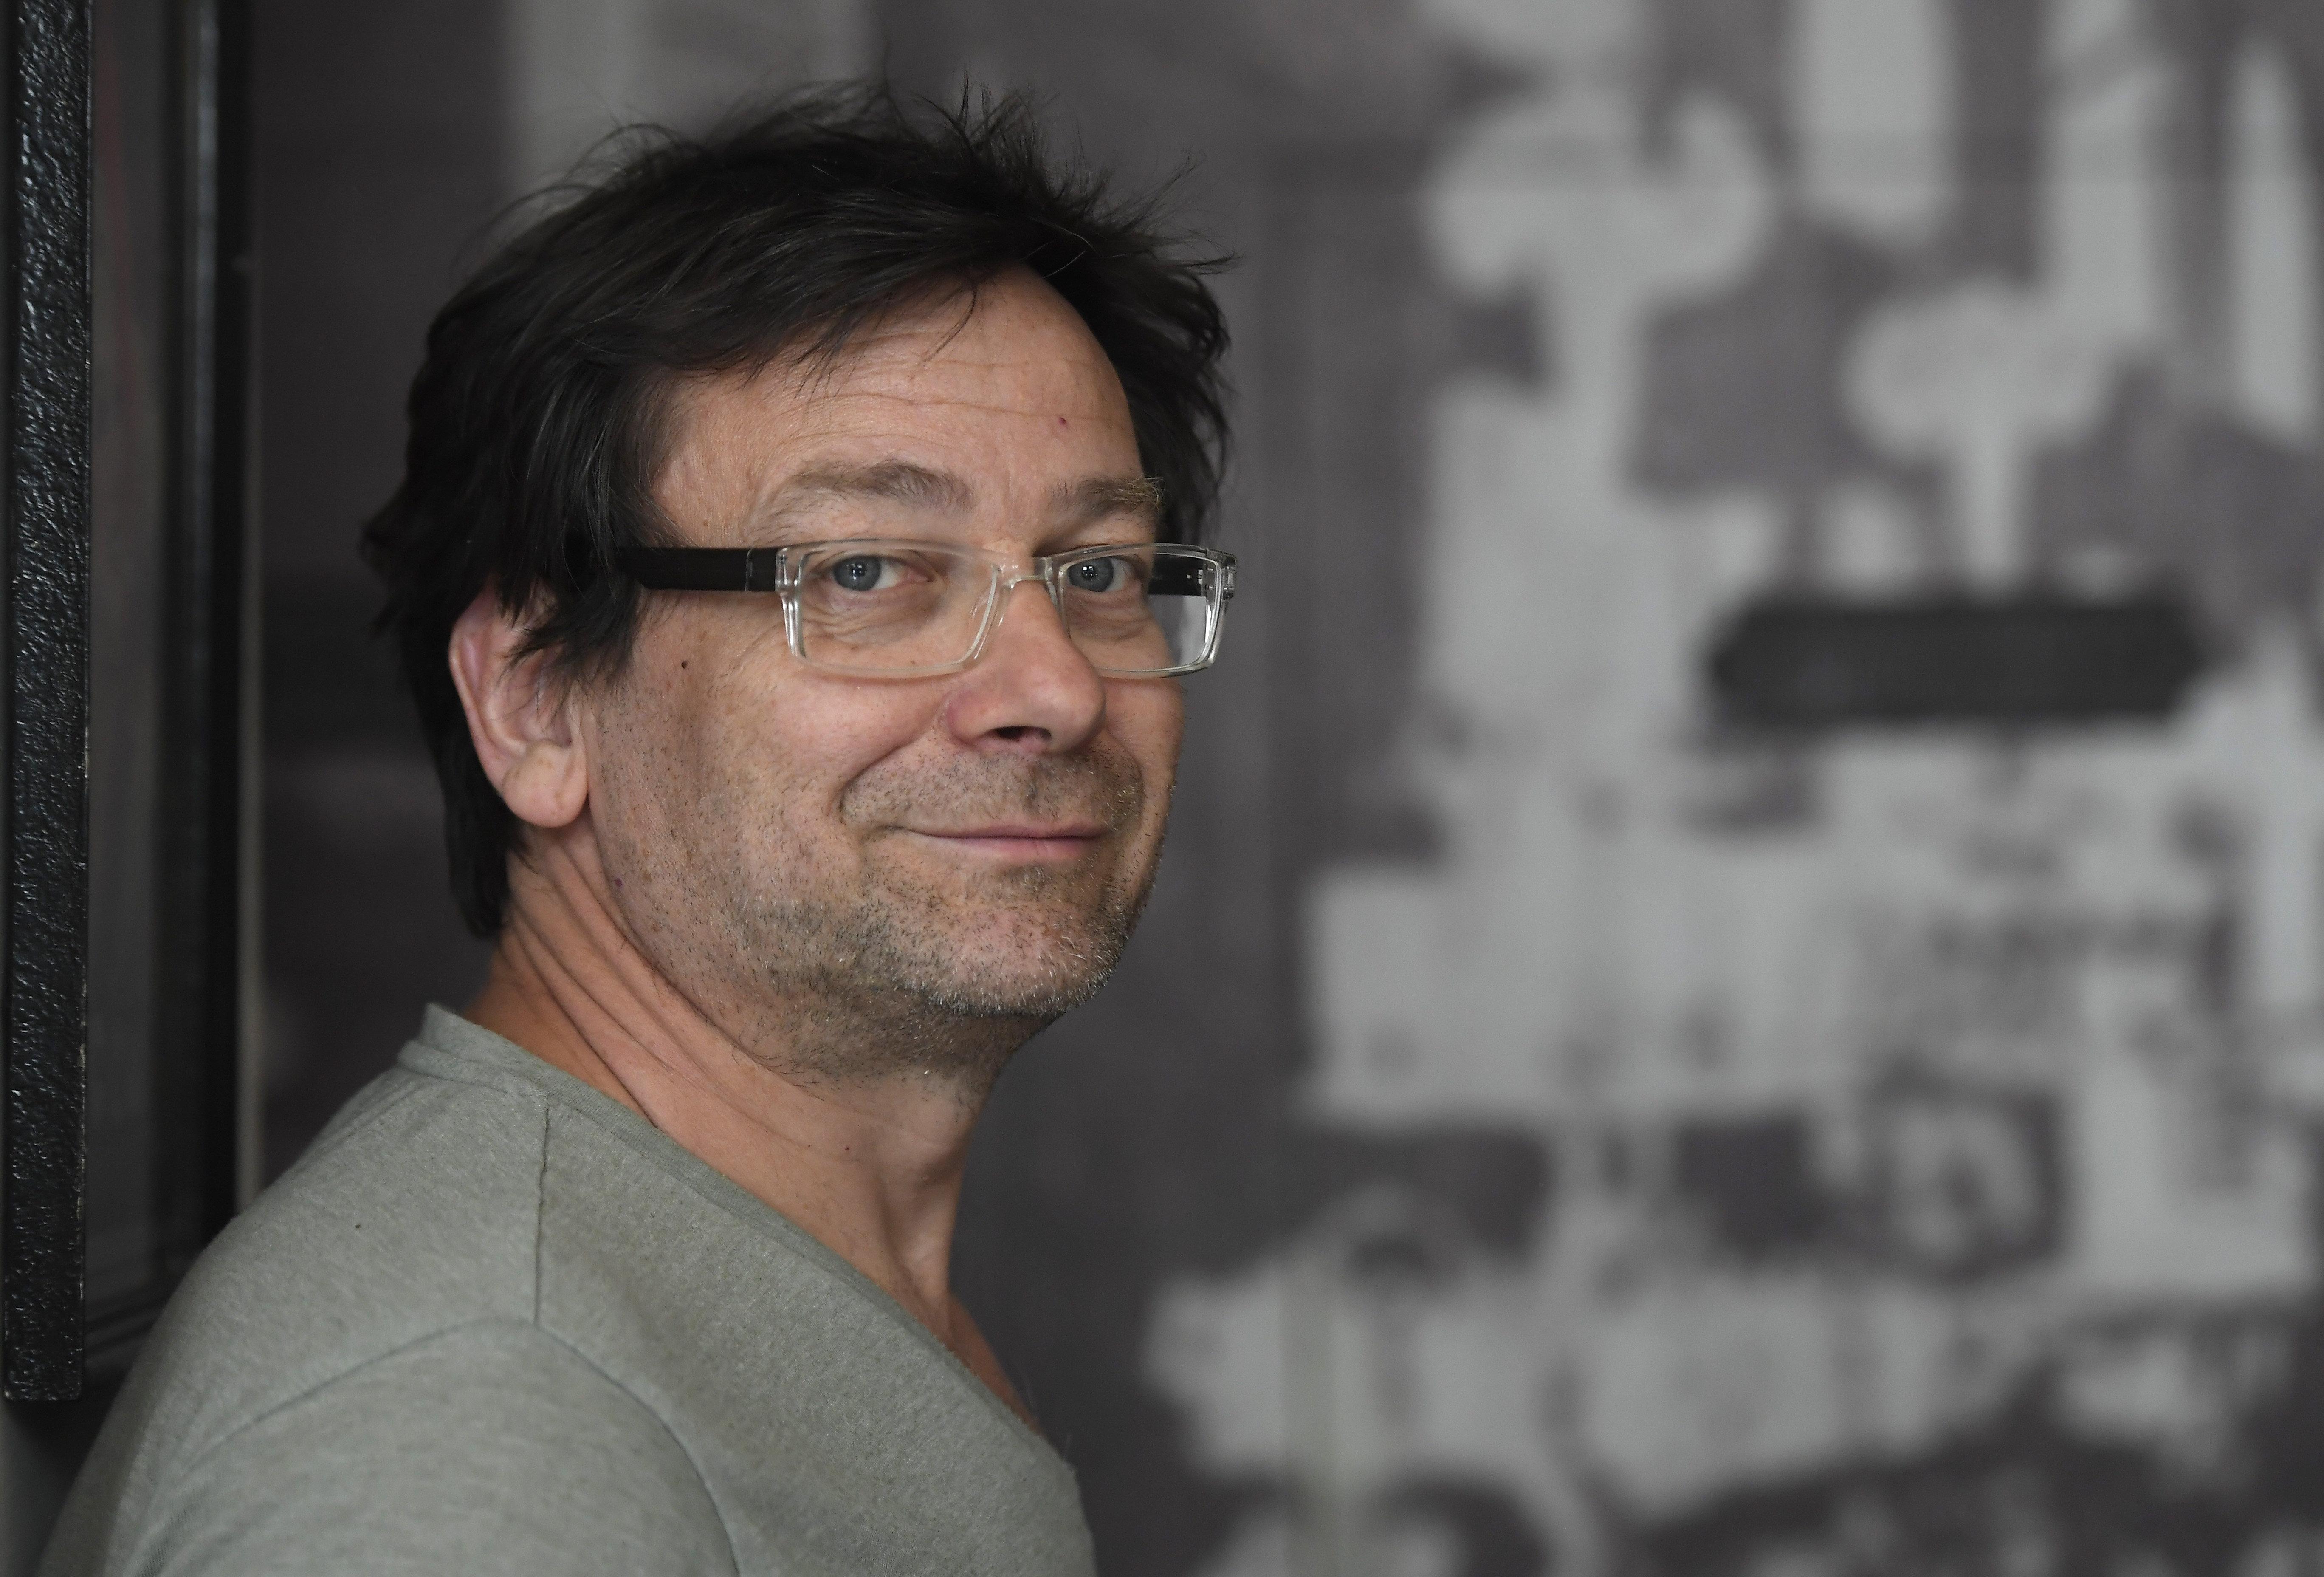 Lovasi András: A magyarok alapállapota a sértettség lett